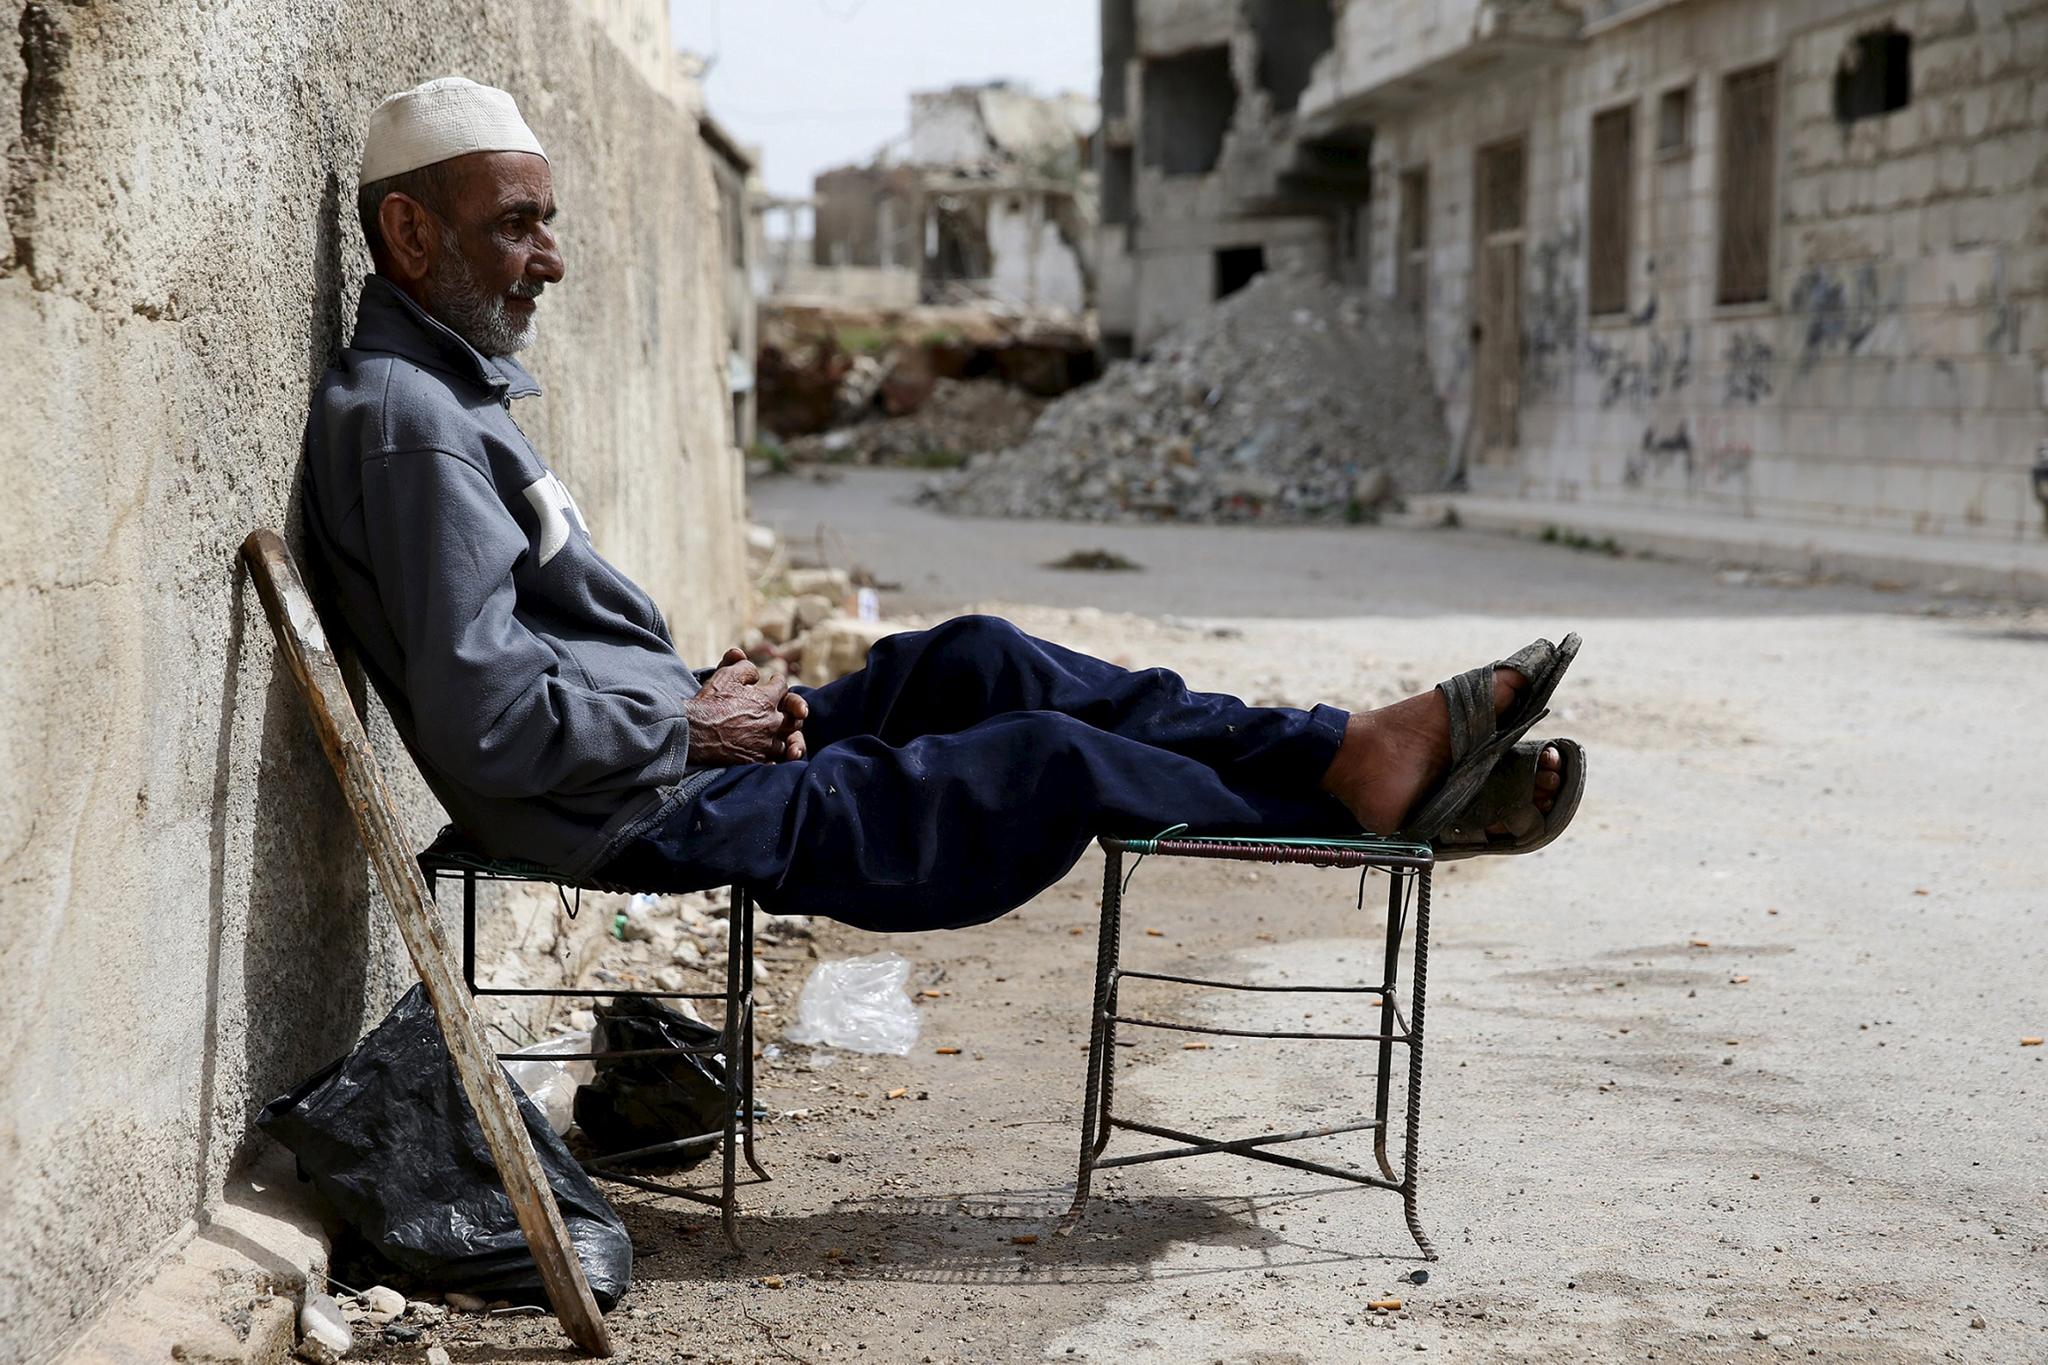 Khaled Kassmou, 70, sits along a street in the rebel held Qaboun neighborhood of Damascus...Khaled Kassmou, 70, sits along a street in the rebel held Qaboun neighborhood of Damascus, Syria March 13, 2016. Picture taken March 13, 2016. REUTERS/Bassam Khabieh